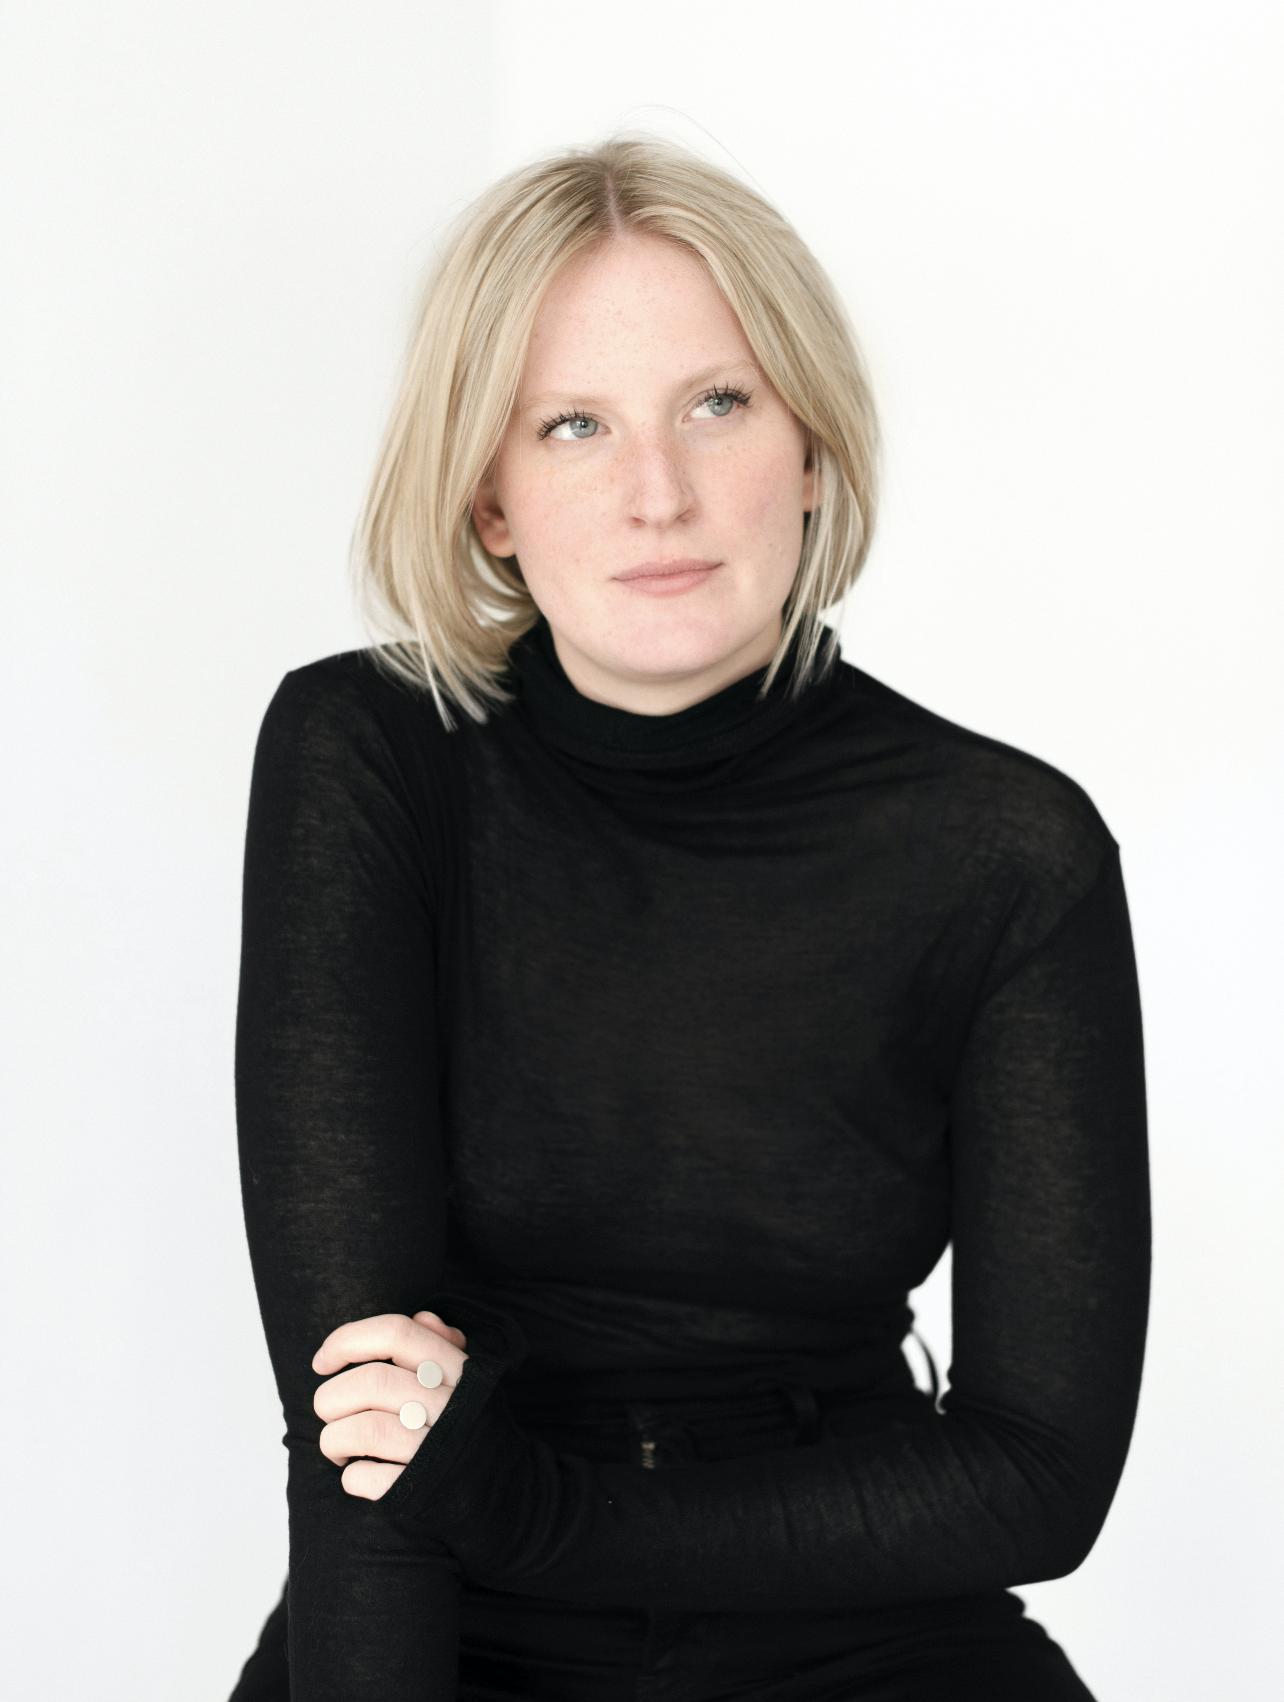 kreativbox mitarbeiterin Design und Illustrationen - Anja Rausch